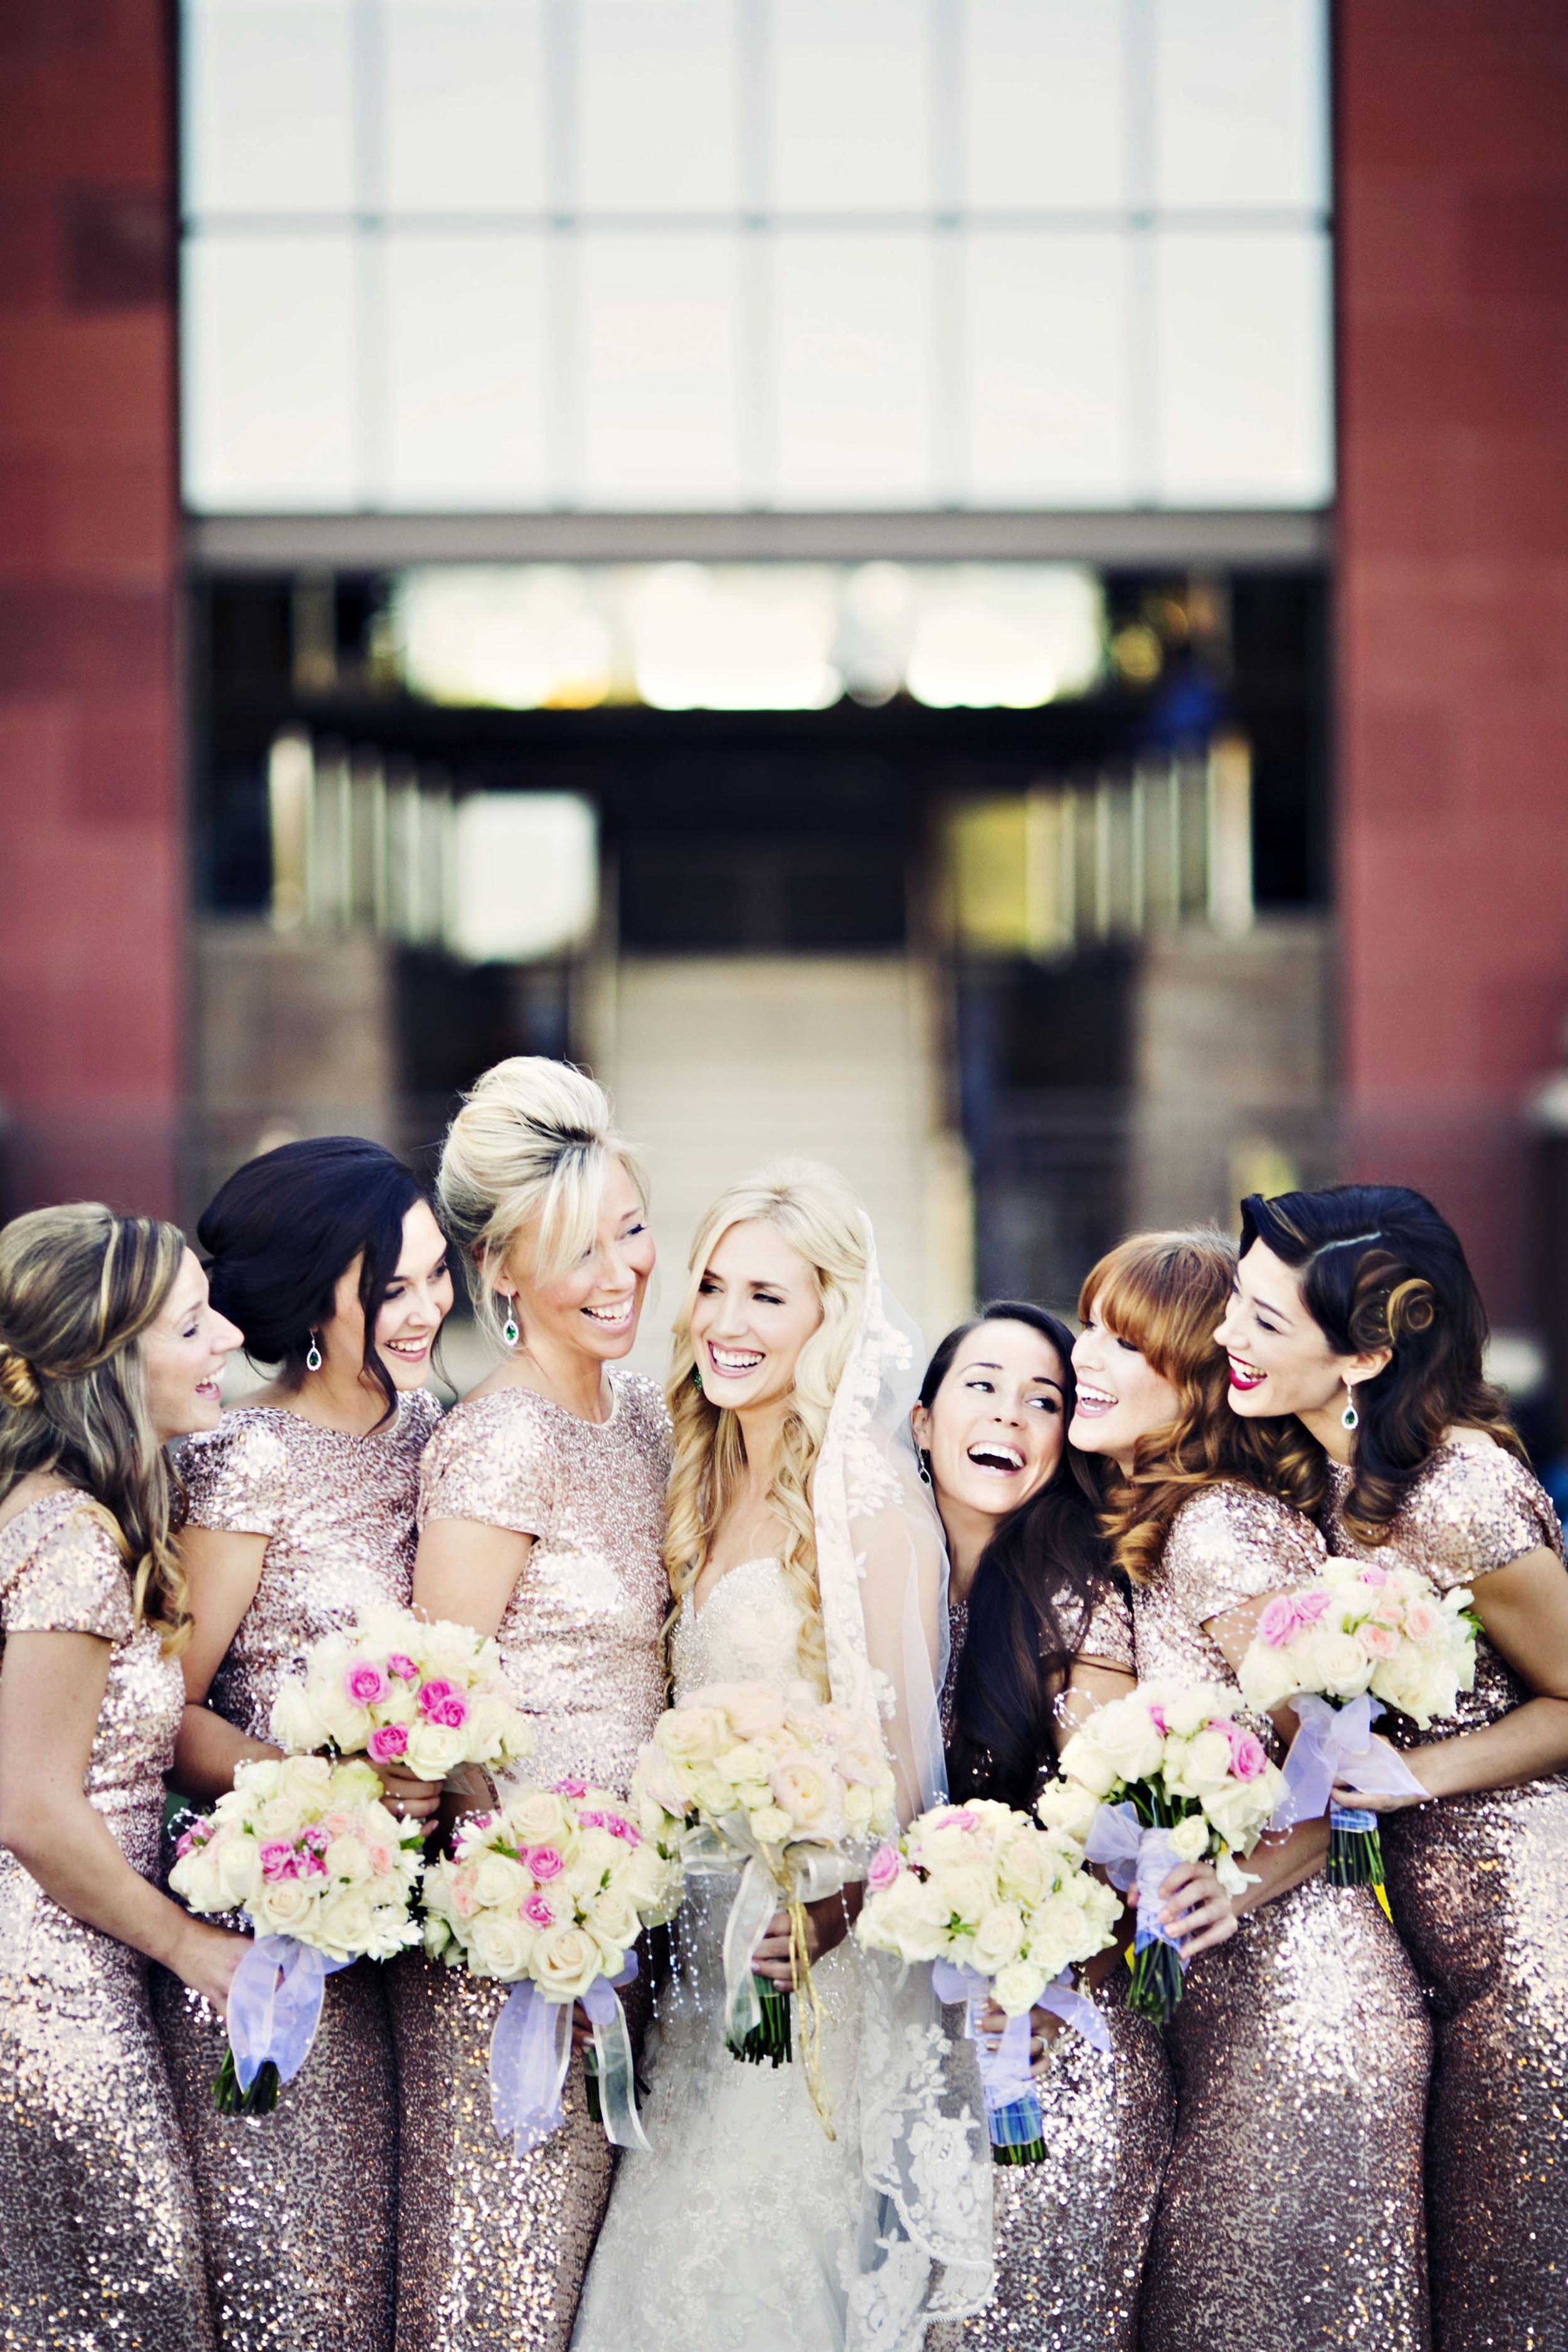 weddings-scottsdale-15.JPG